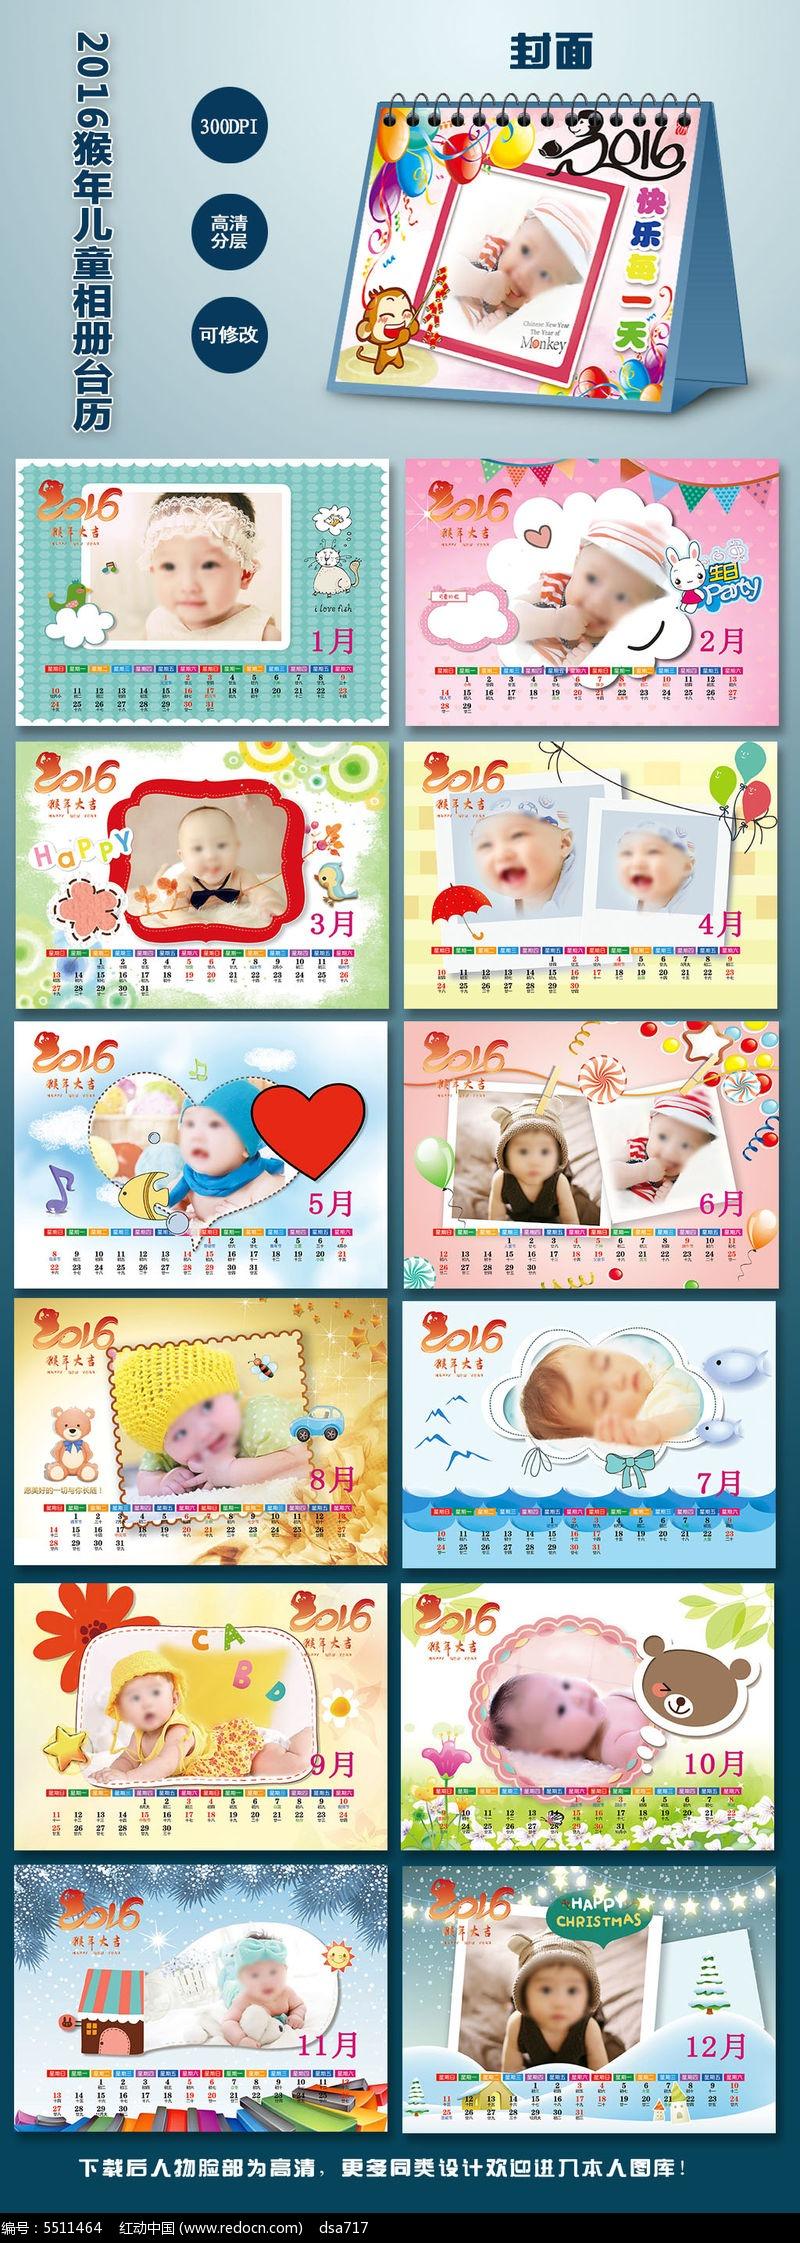 2016猴年儿童摄影写真台历图片